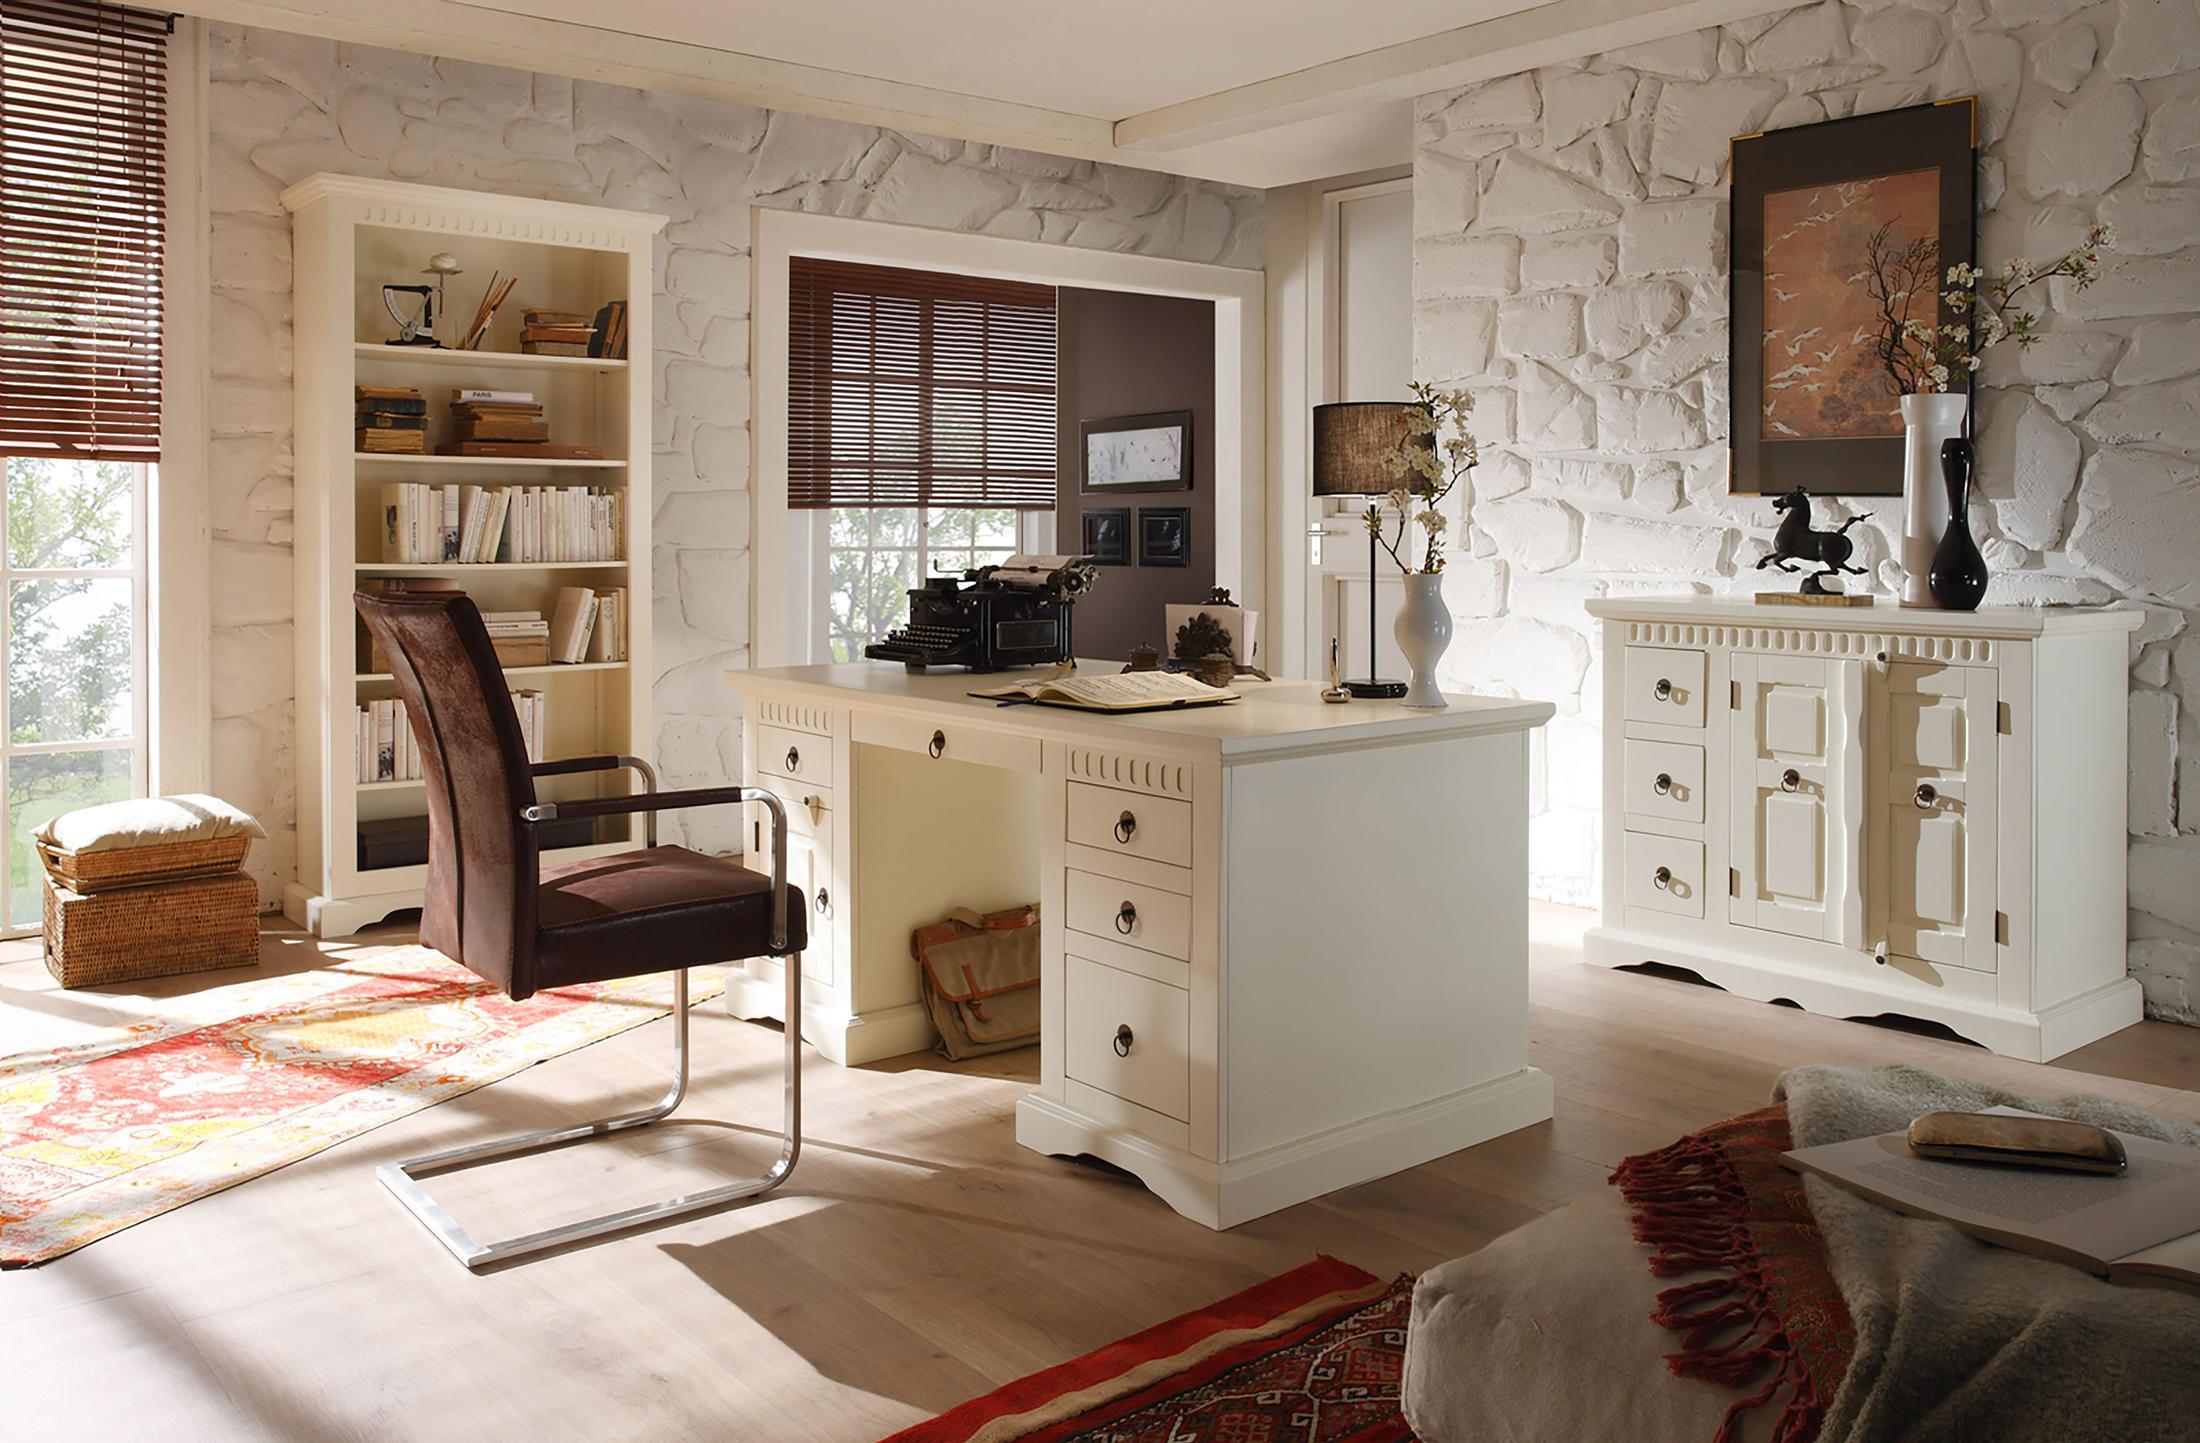 Liebenswert Regal Schreibtisch Galerie Von Wand In Natursteinoptik #stuhl #regal #schreibtisch #teppich